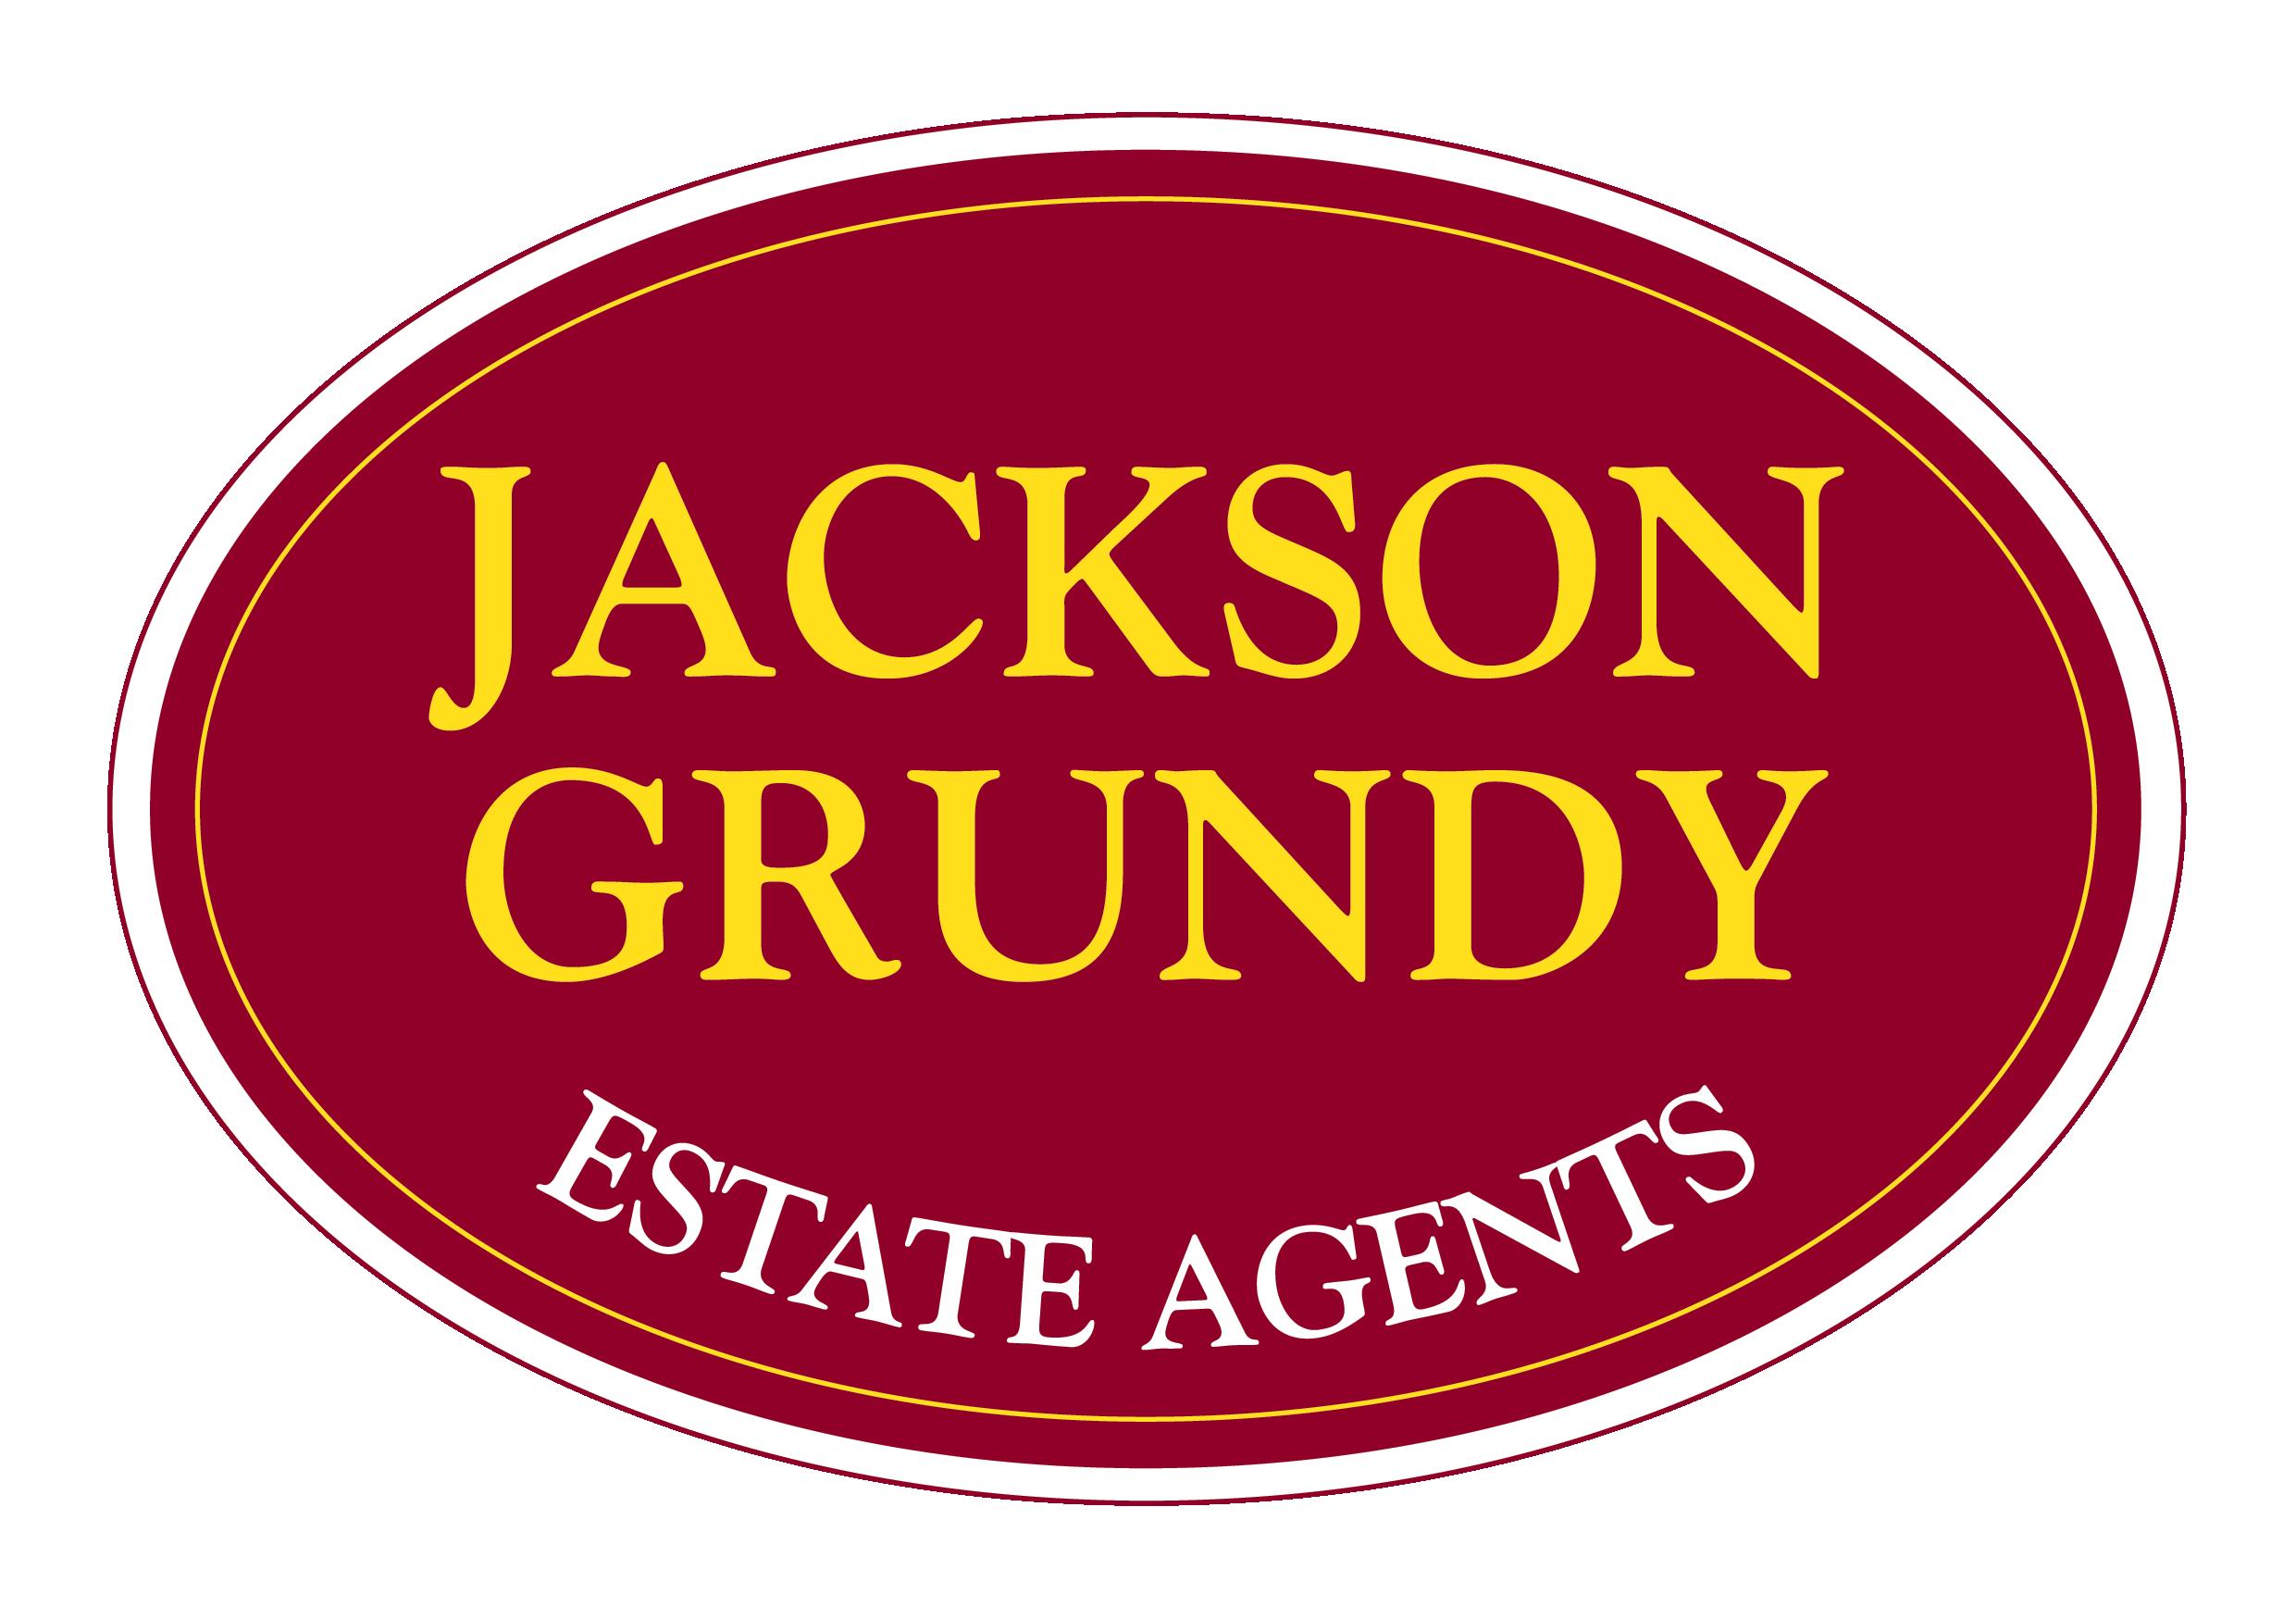 Jackson Grundy Estate Agents